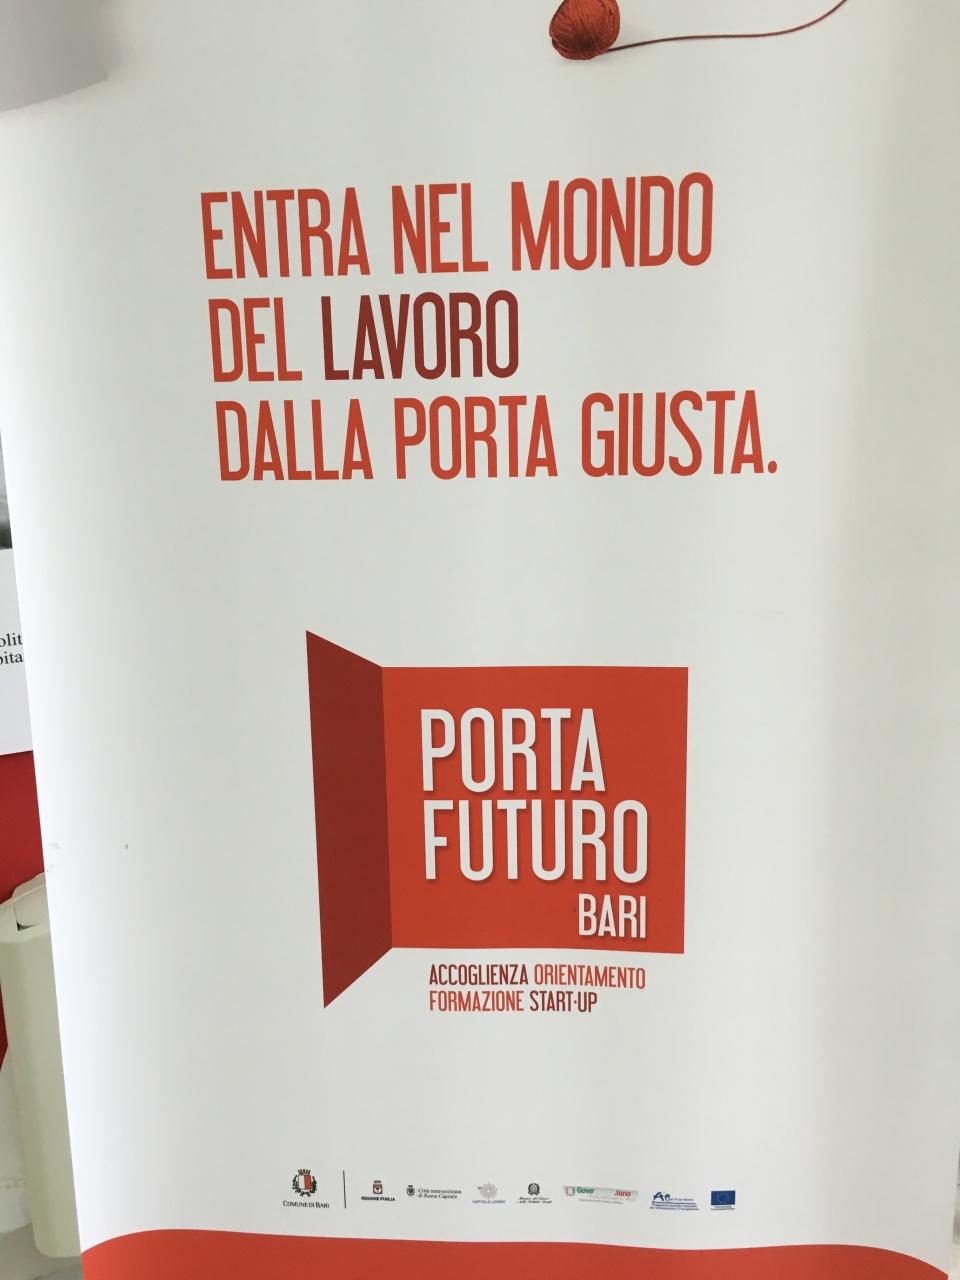 05- secondo cartellone porta futuro